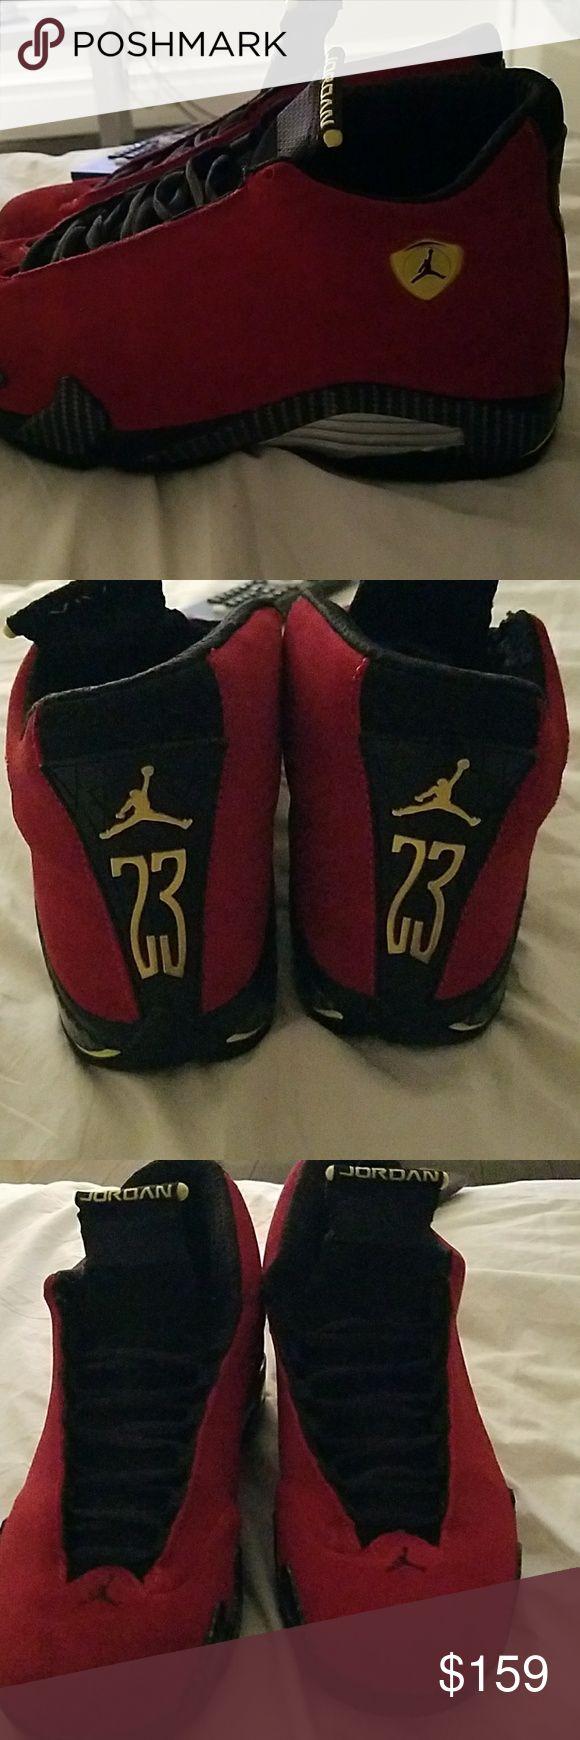 Air jordan retro 14 ferraris Brand New Pair Air Jordan fire red Ferraris hard sneaker to get air jordan Shoes Sneakers